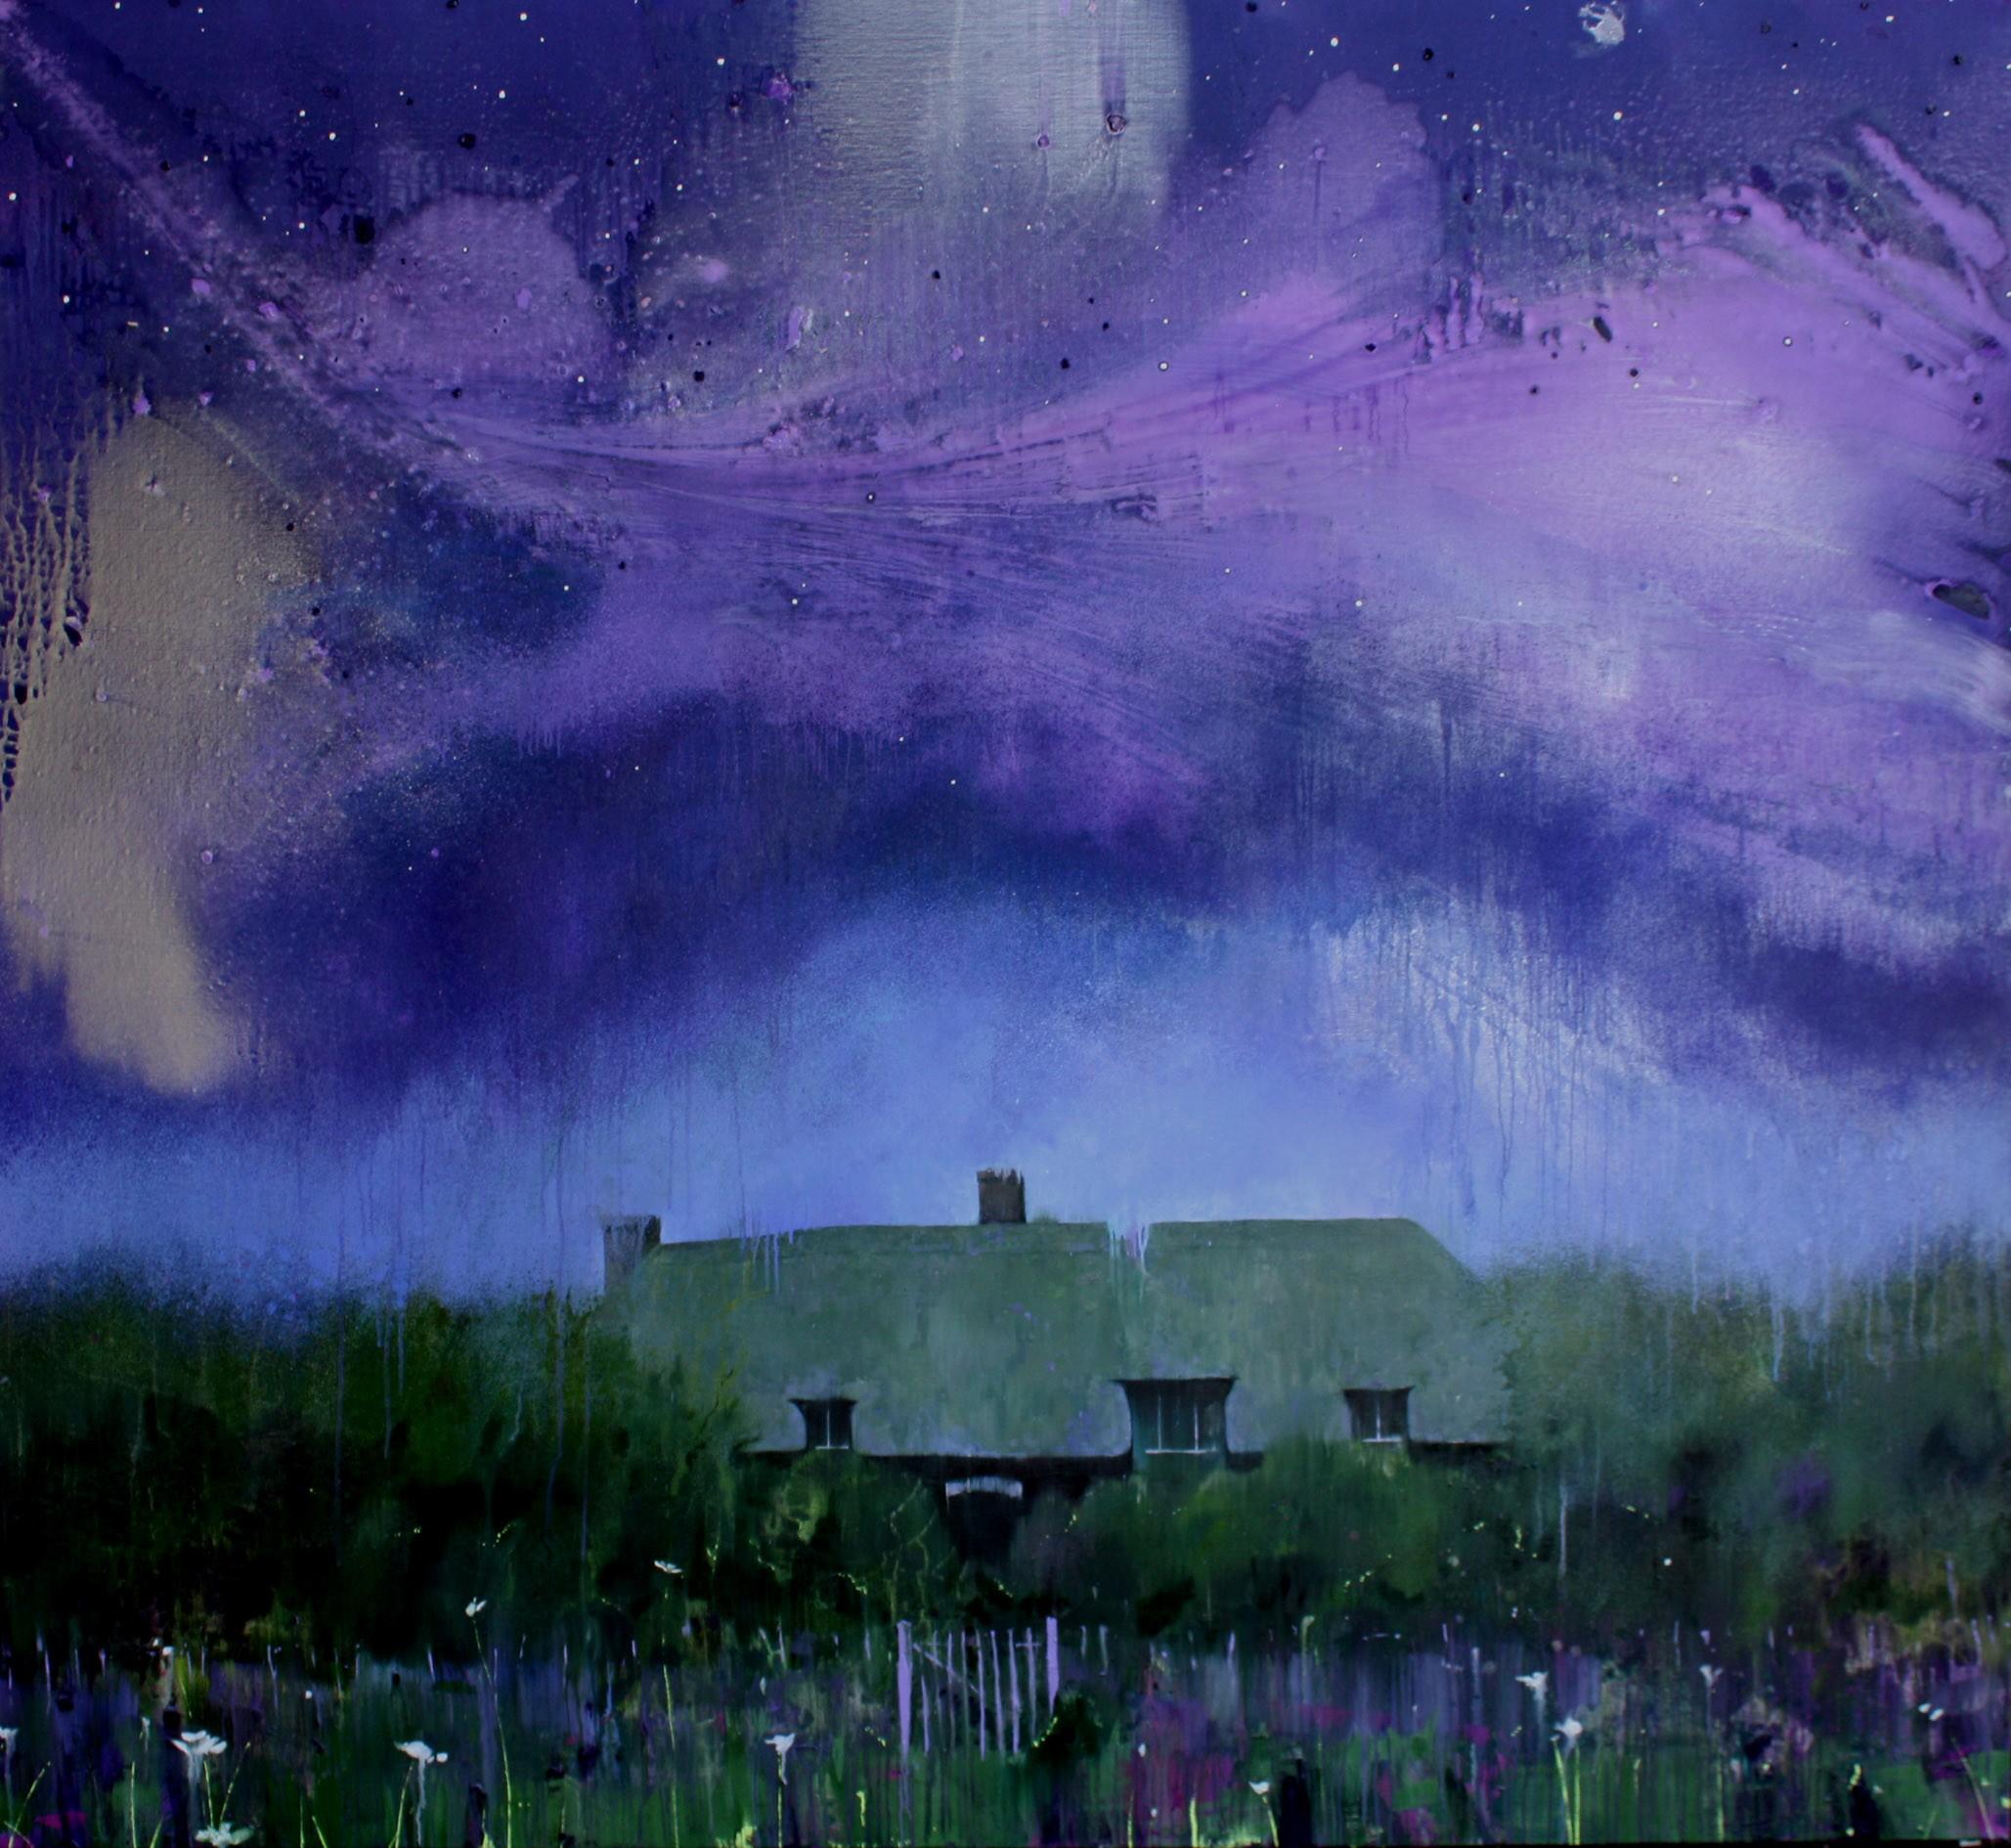 Blue Moon 183 x 200 cm oil on canvas